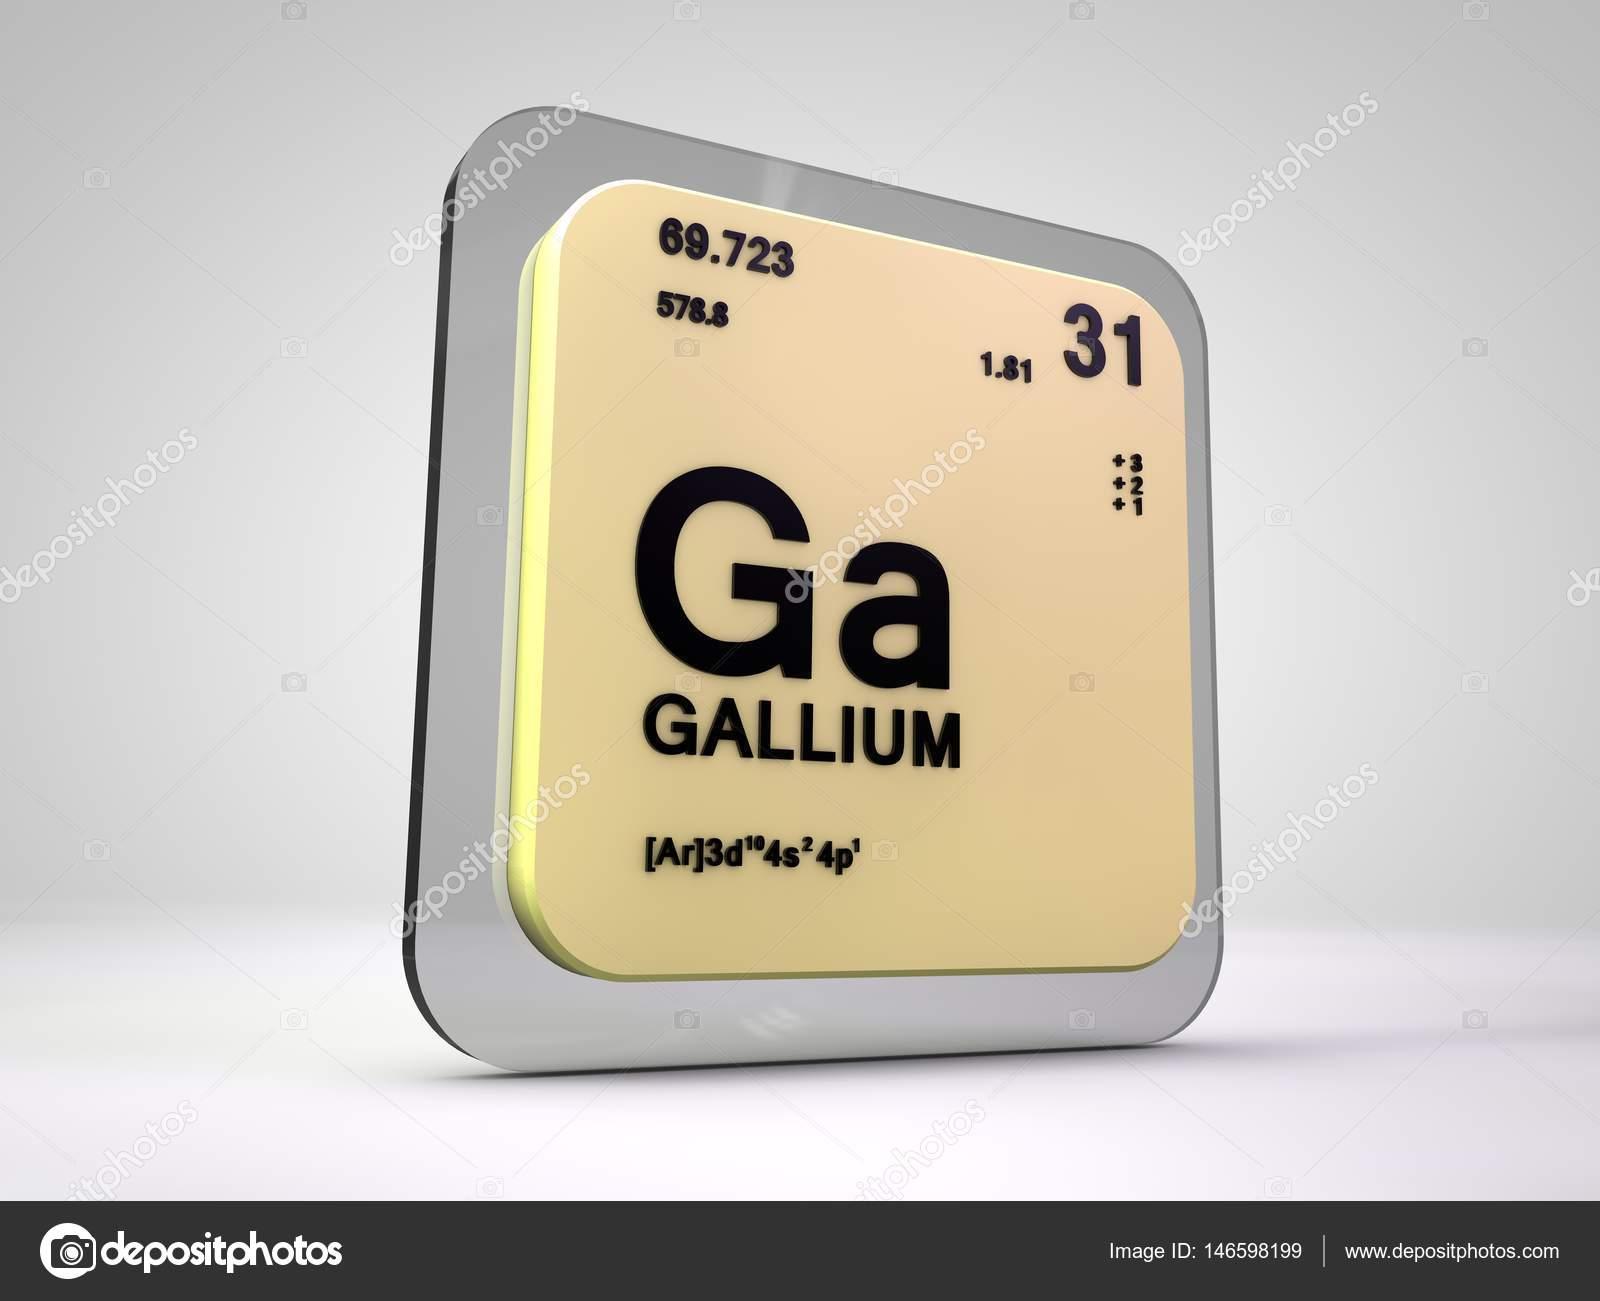 galio ga elemento qumico tabla peridica 3d render foto de stock - Tabla Periodica De Los Elementos Galio